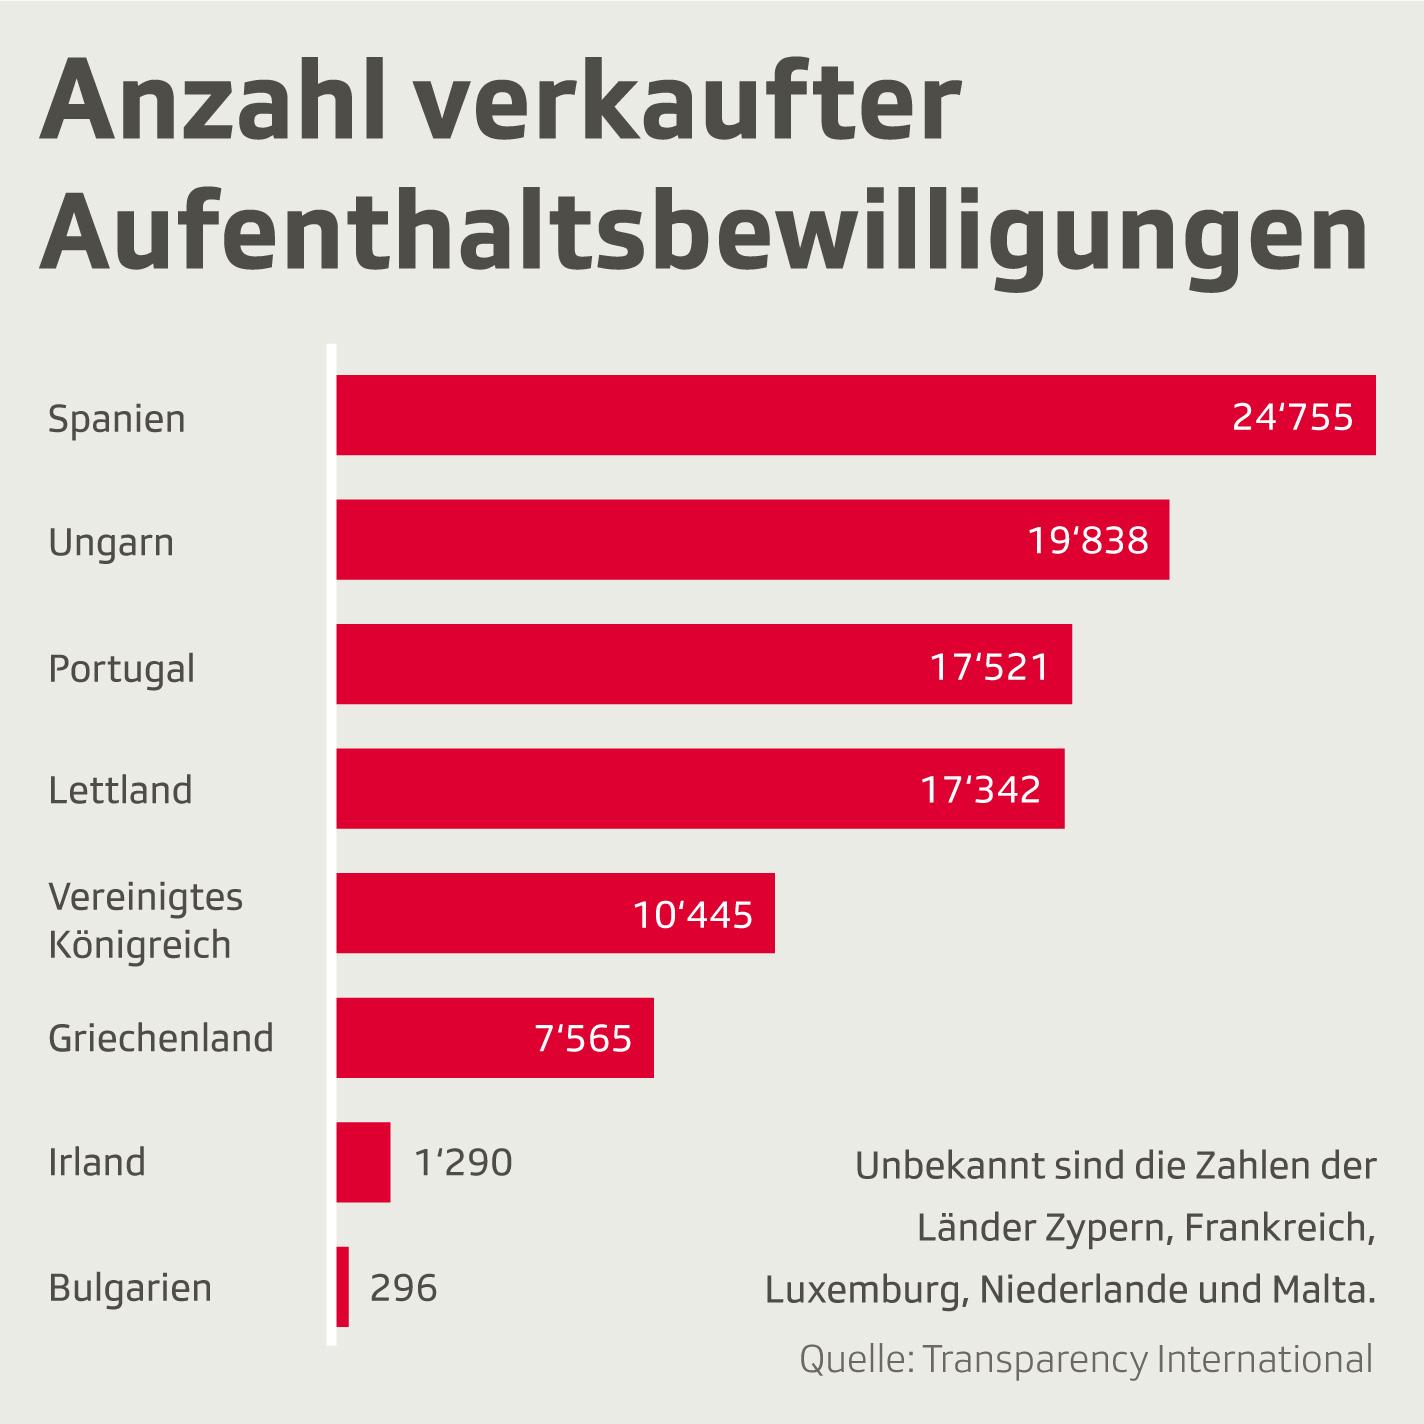 Anzahl verkaufter Aufenthaltsbewilligungen